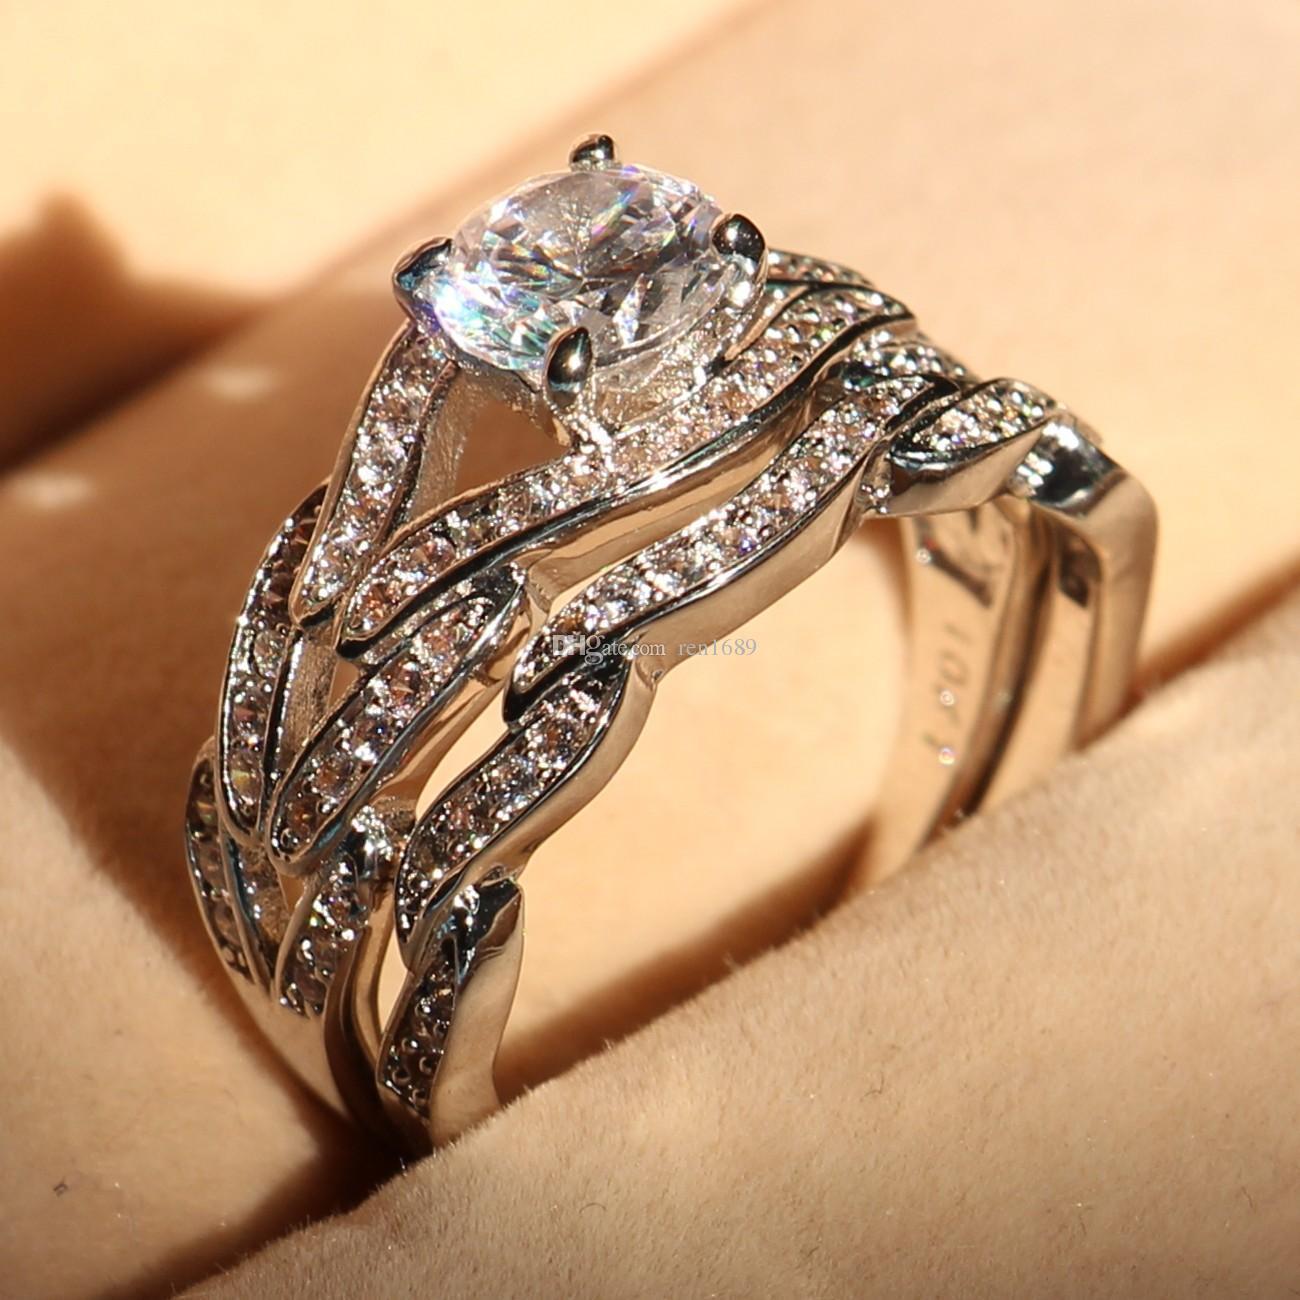 Feiner Schmuck Großhandel Echte 2ct Topaz Diamonique Cz 10KT Weißes Gold gefüllt Gf Simulierte Diamant-Verlobung Ehering Set